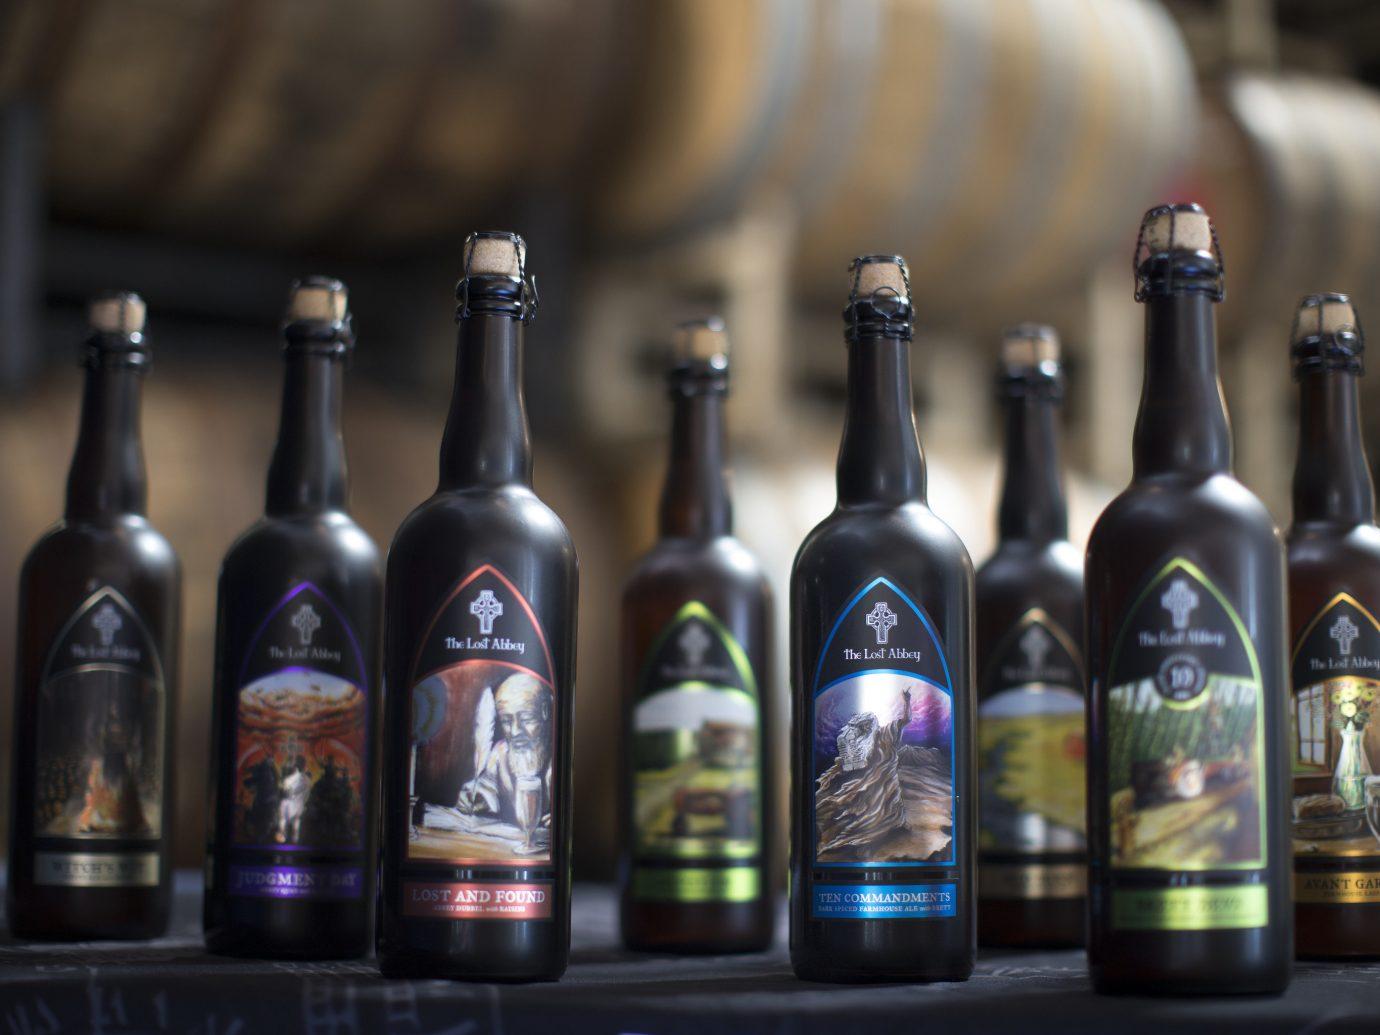 Trip Ideas bottle alcoholic beverage Drink beer bottle beer liqueur alcohol wine wine bottle distilled beverage drinkware several